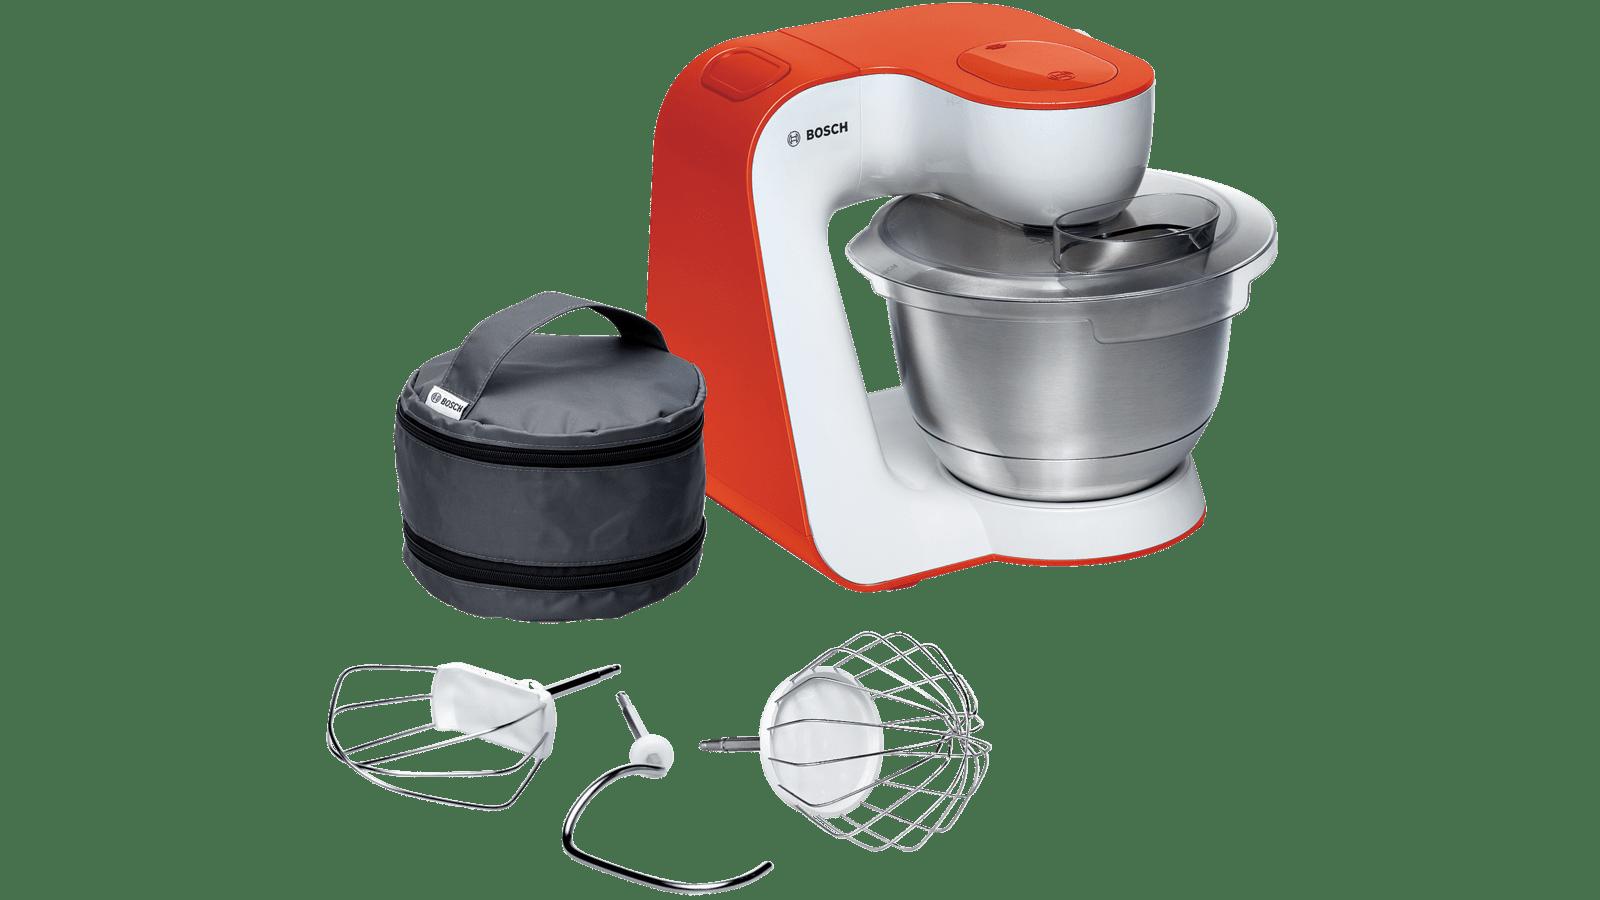 Bosch Küchenmaschinen Zubehör Set MUZ5BS1 MUZ5ER2